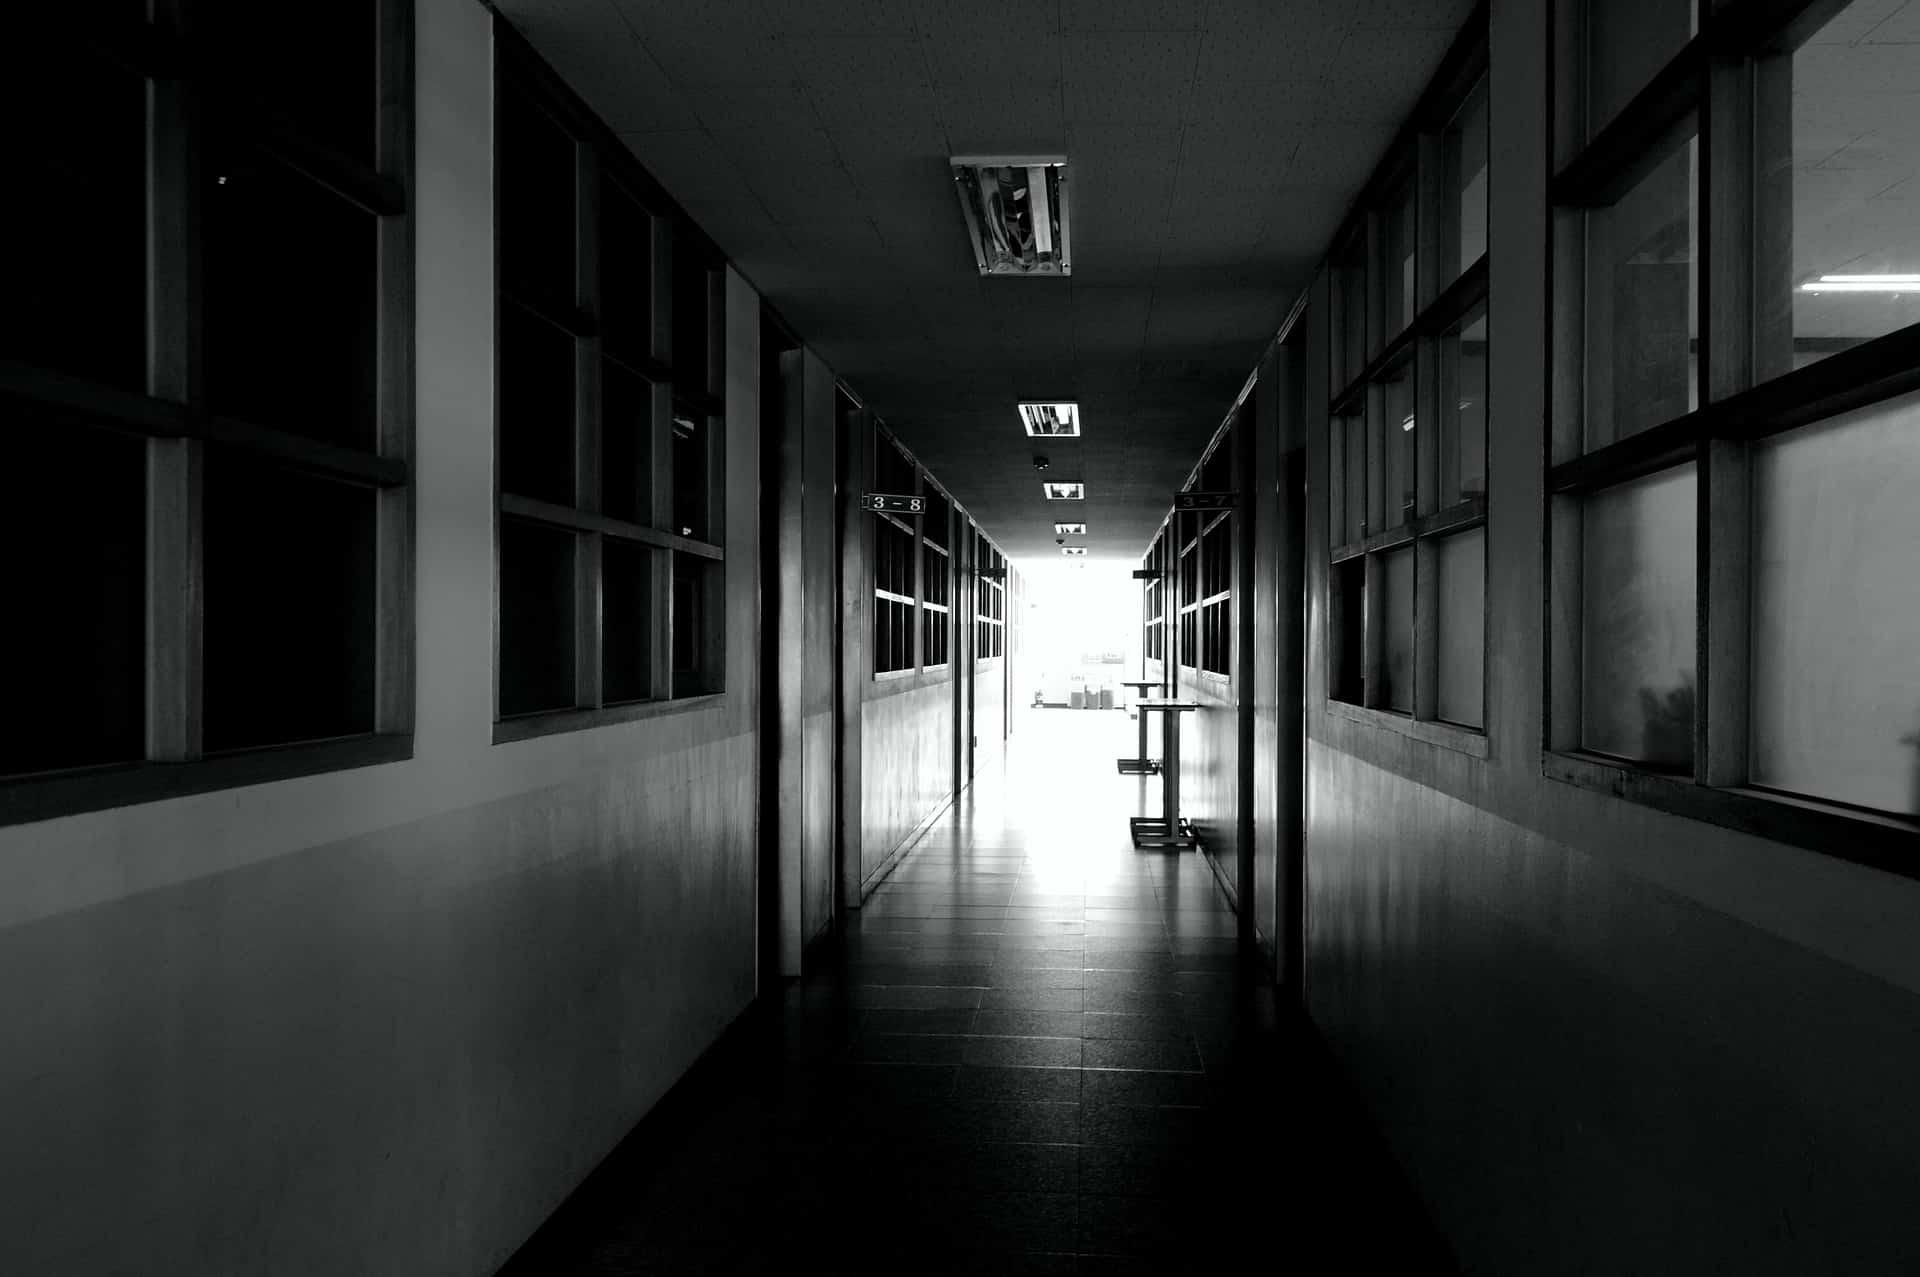 school-1197605_1920